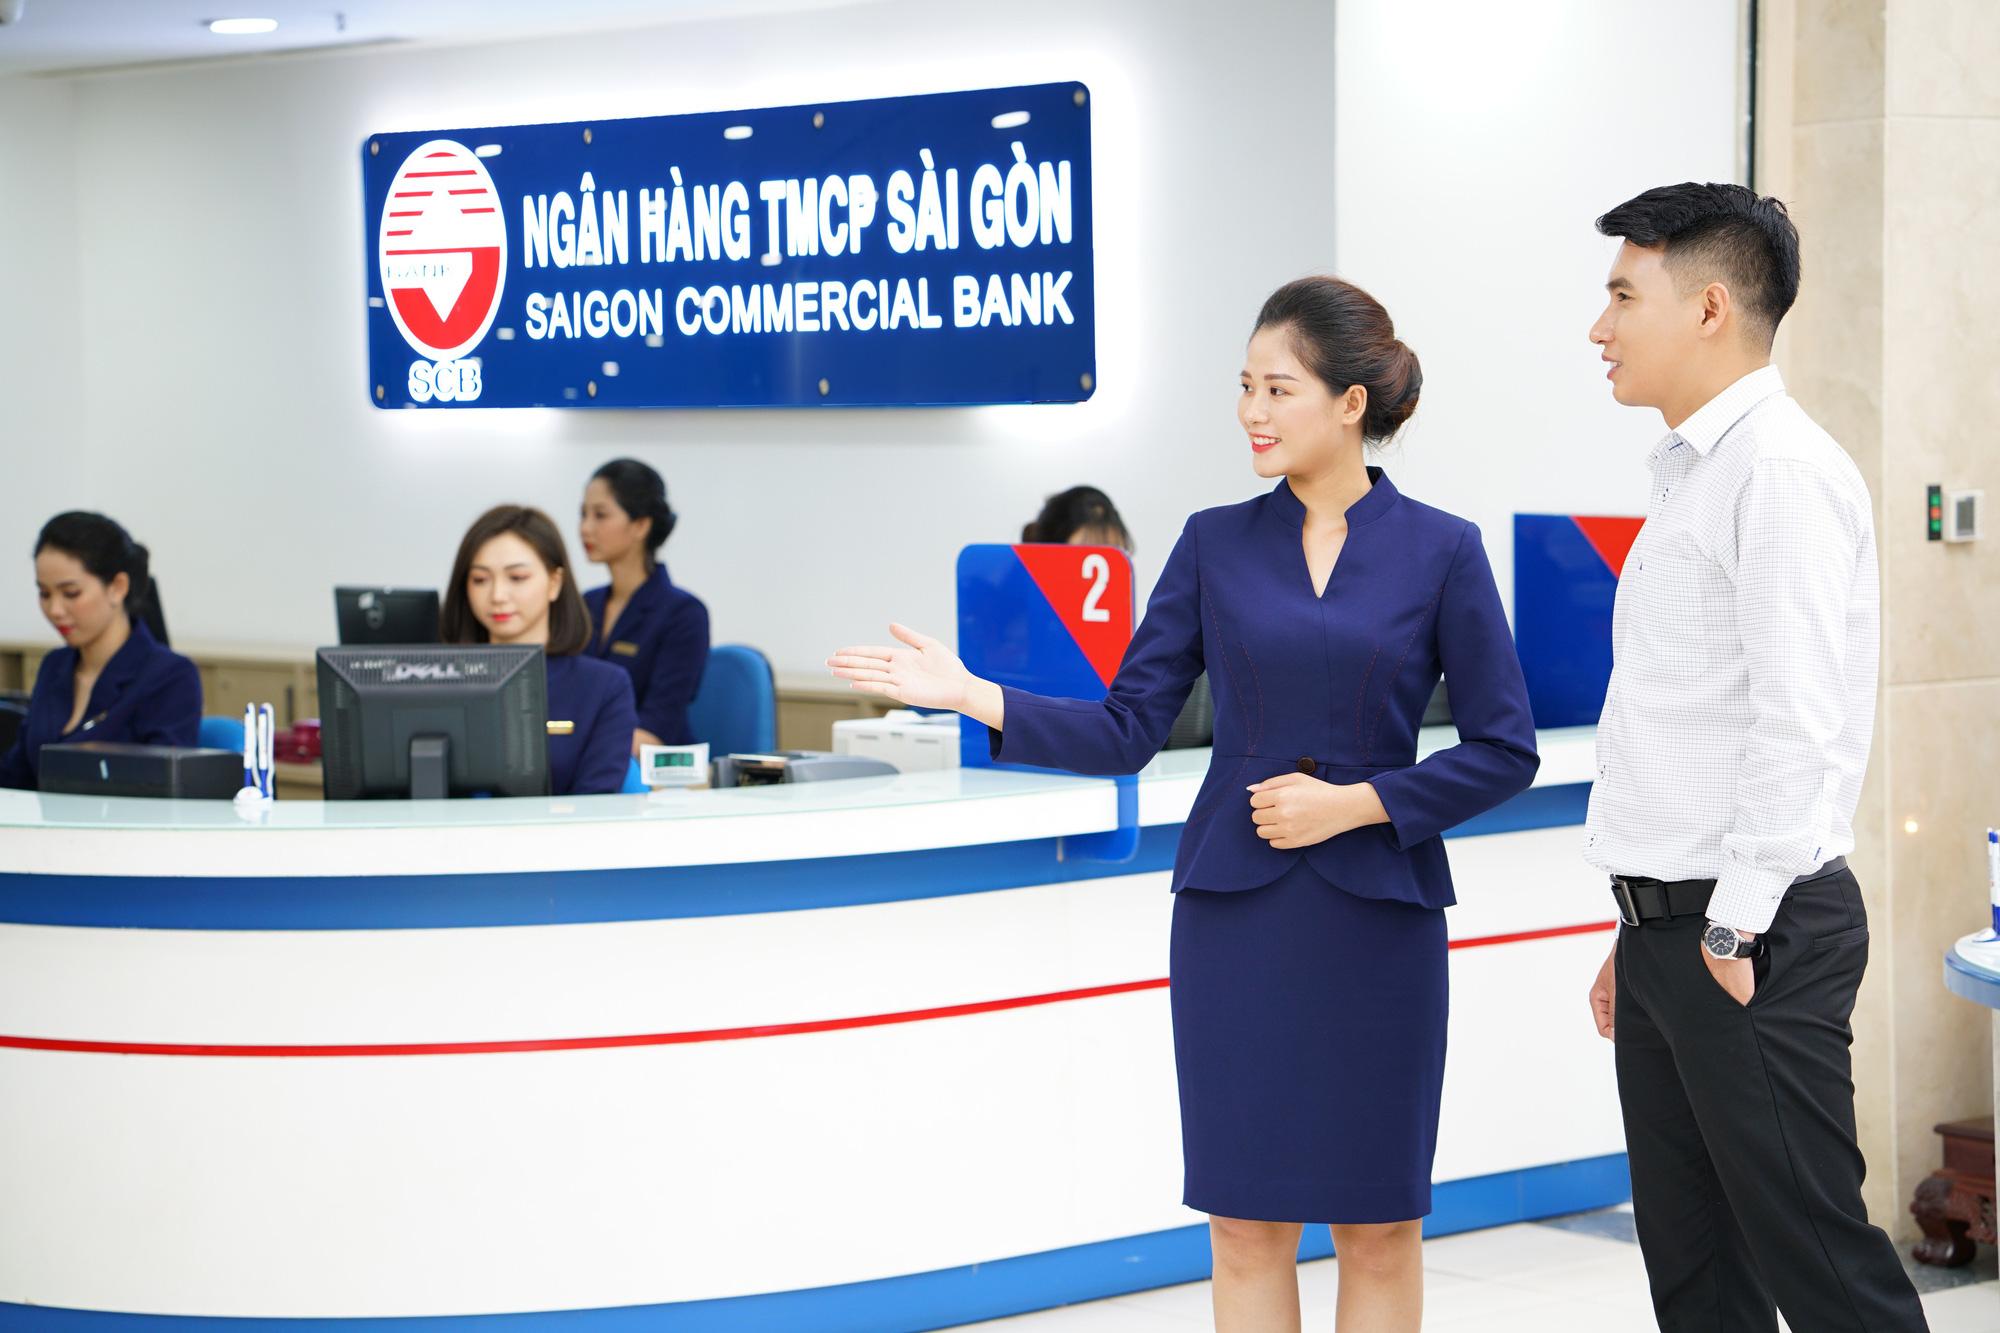 Chân dung Quyền Tổng giám đốc SCB Trương Khánh Hoàng - Ảnh 2.